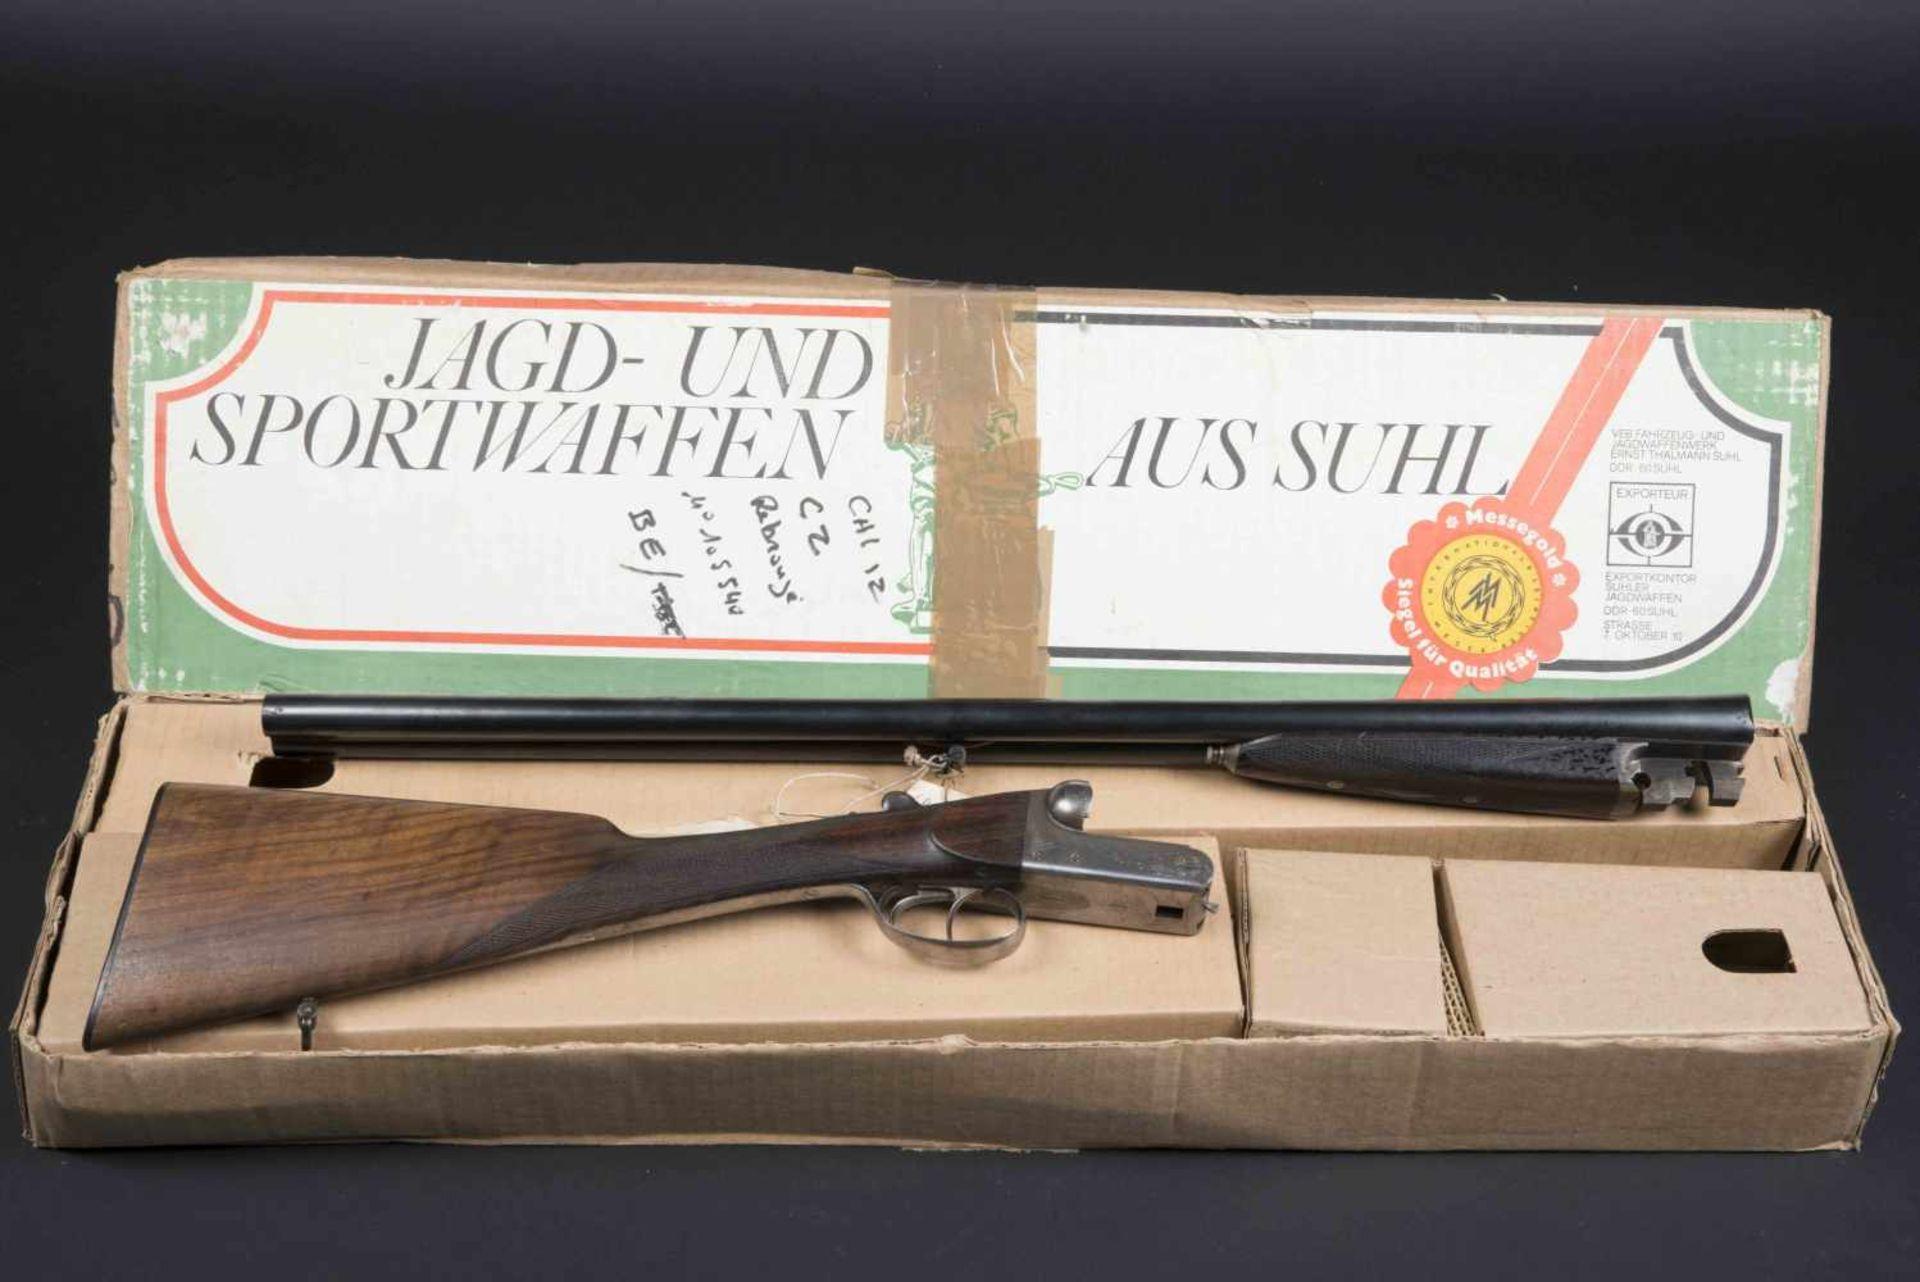 Fusil juxtaposé CZ Catégorie C Magasin juxtaposé, crosse anglaise. Numéro 105540, calibre 12. Carton